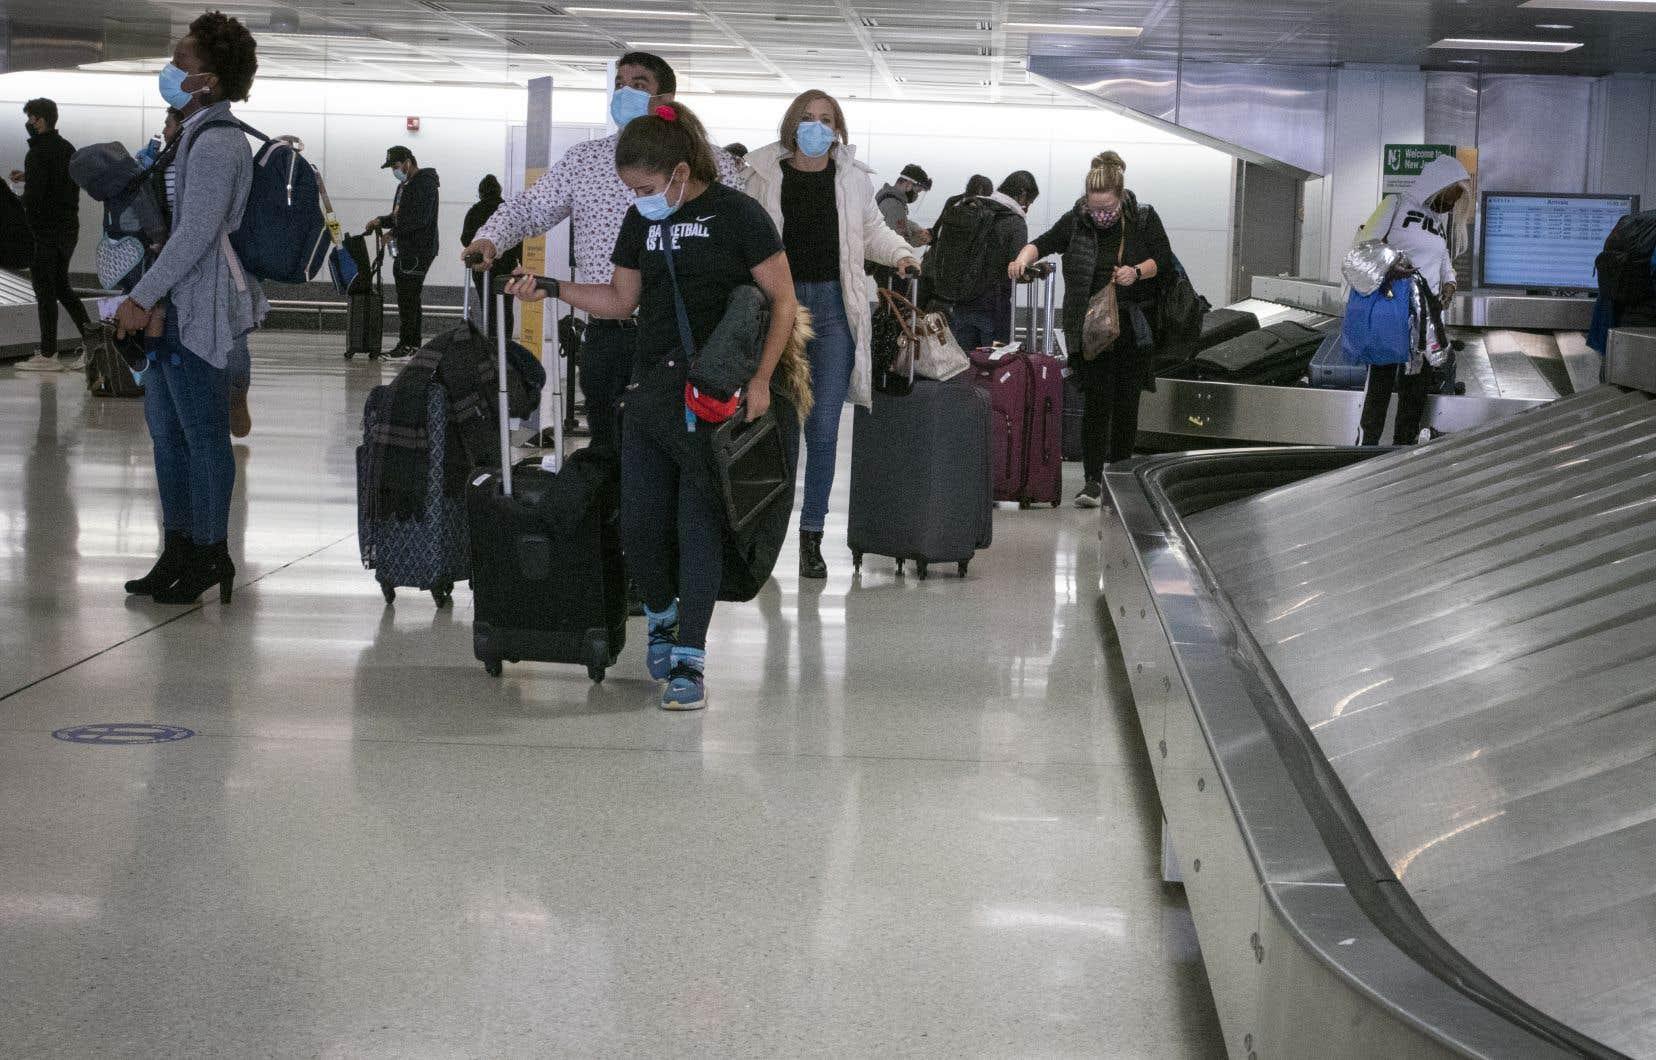 Ce week-end a été «le plus chargé depuis le début de la pandémie» dans les aéroports américains, avec plus de 3 millions de passagers recensés.